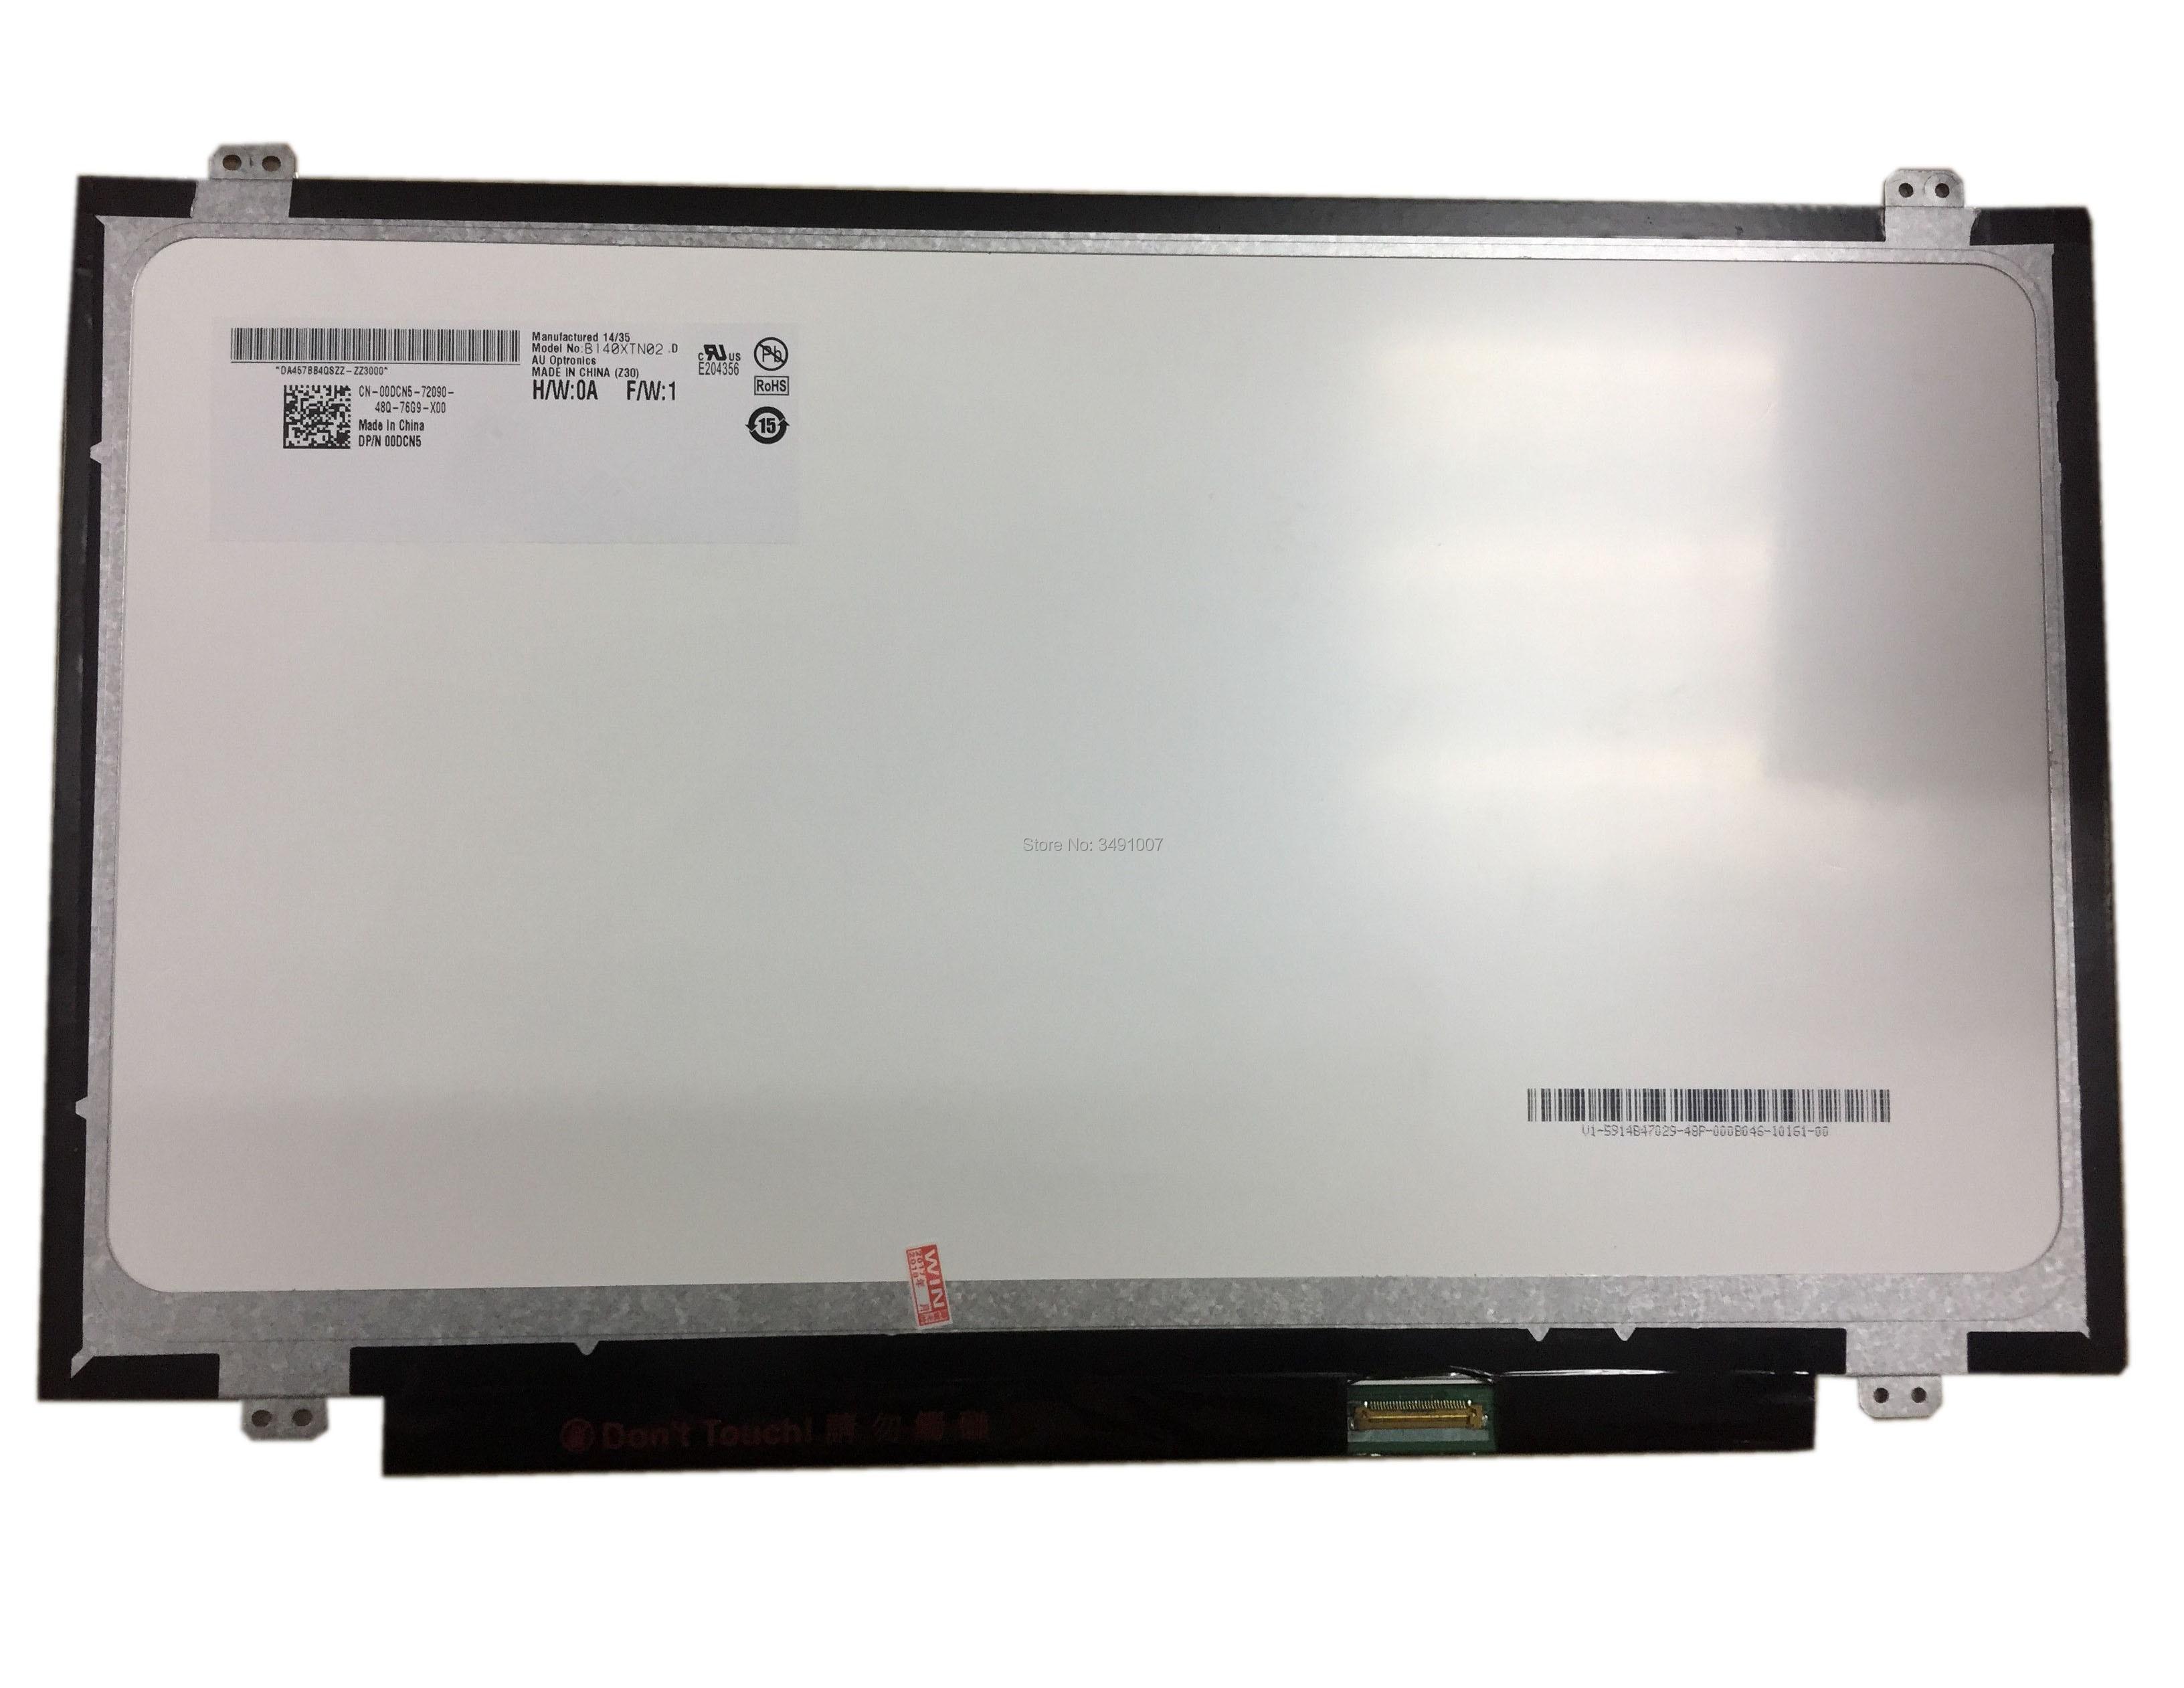 LALAWIN B140XTN02.D Fit B140XTN02.4 LP140WH8 TPC1 N140BGE-EA3 E33 B140XTN02.A B140XTN02.E EDP 30 Pin LCD LED Display SCREEN